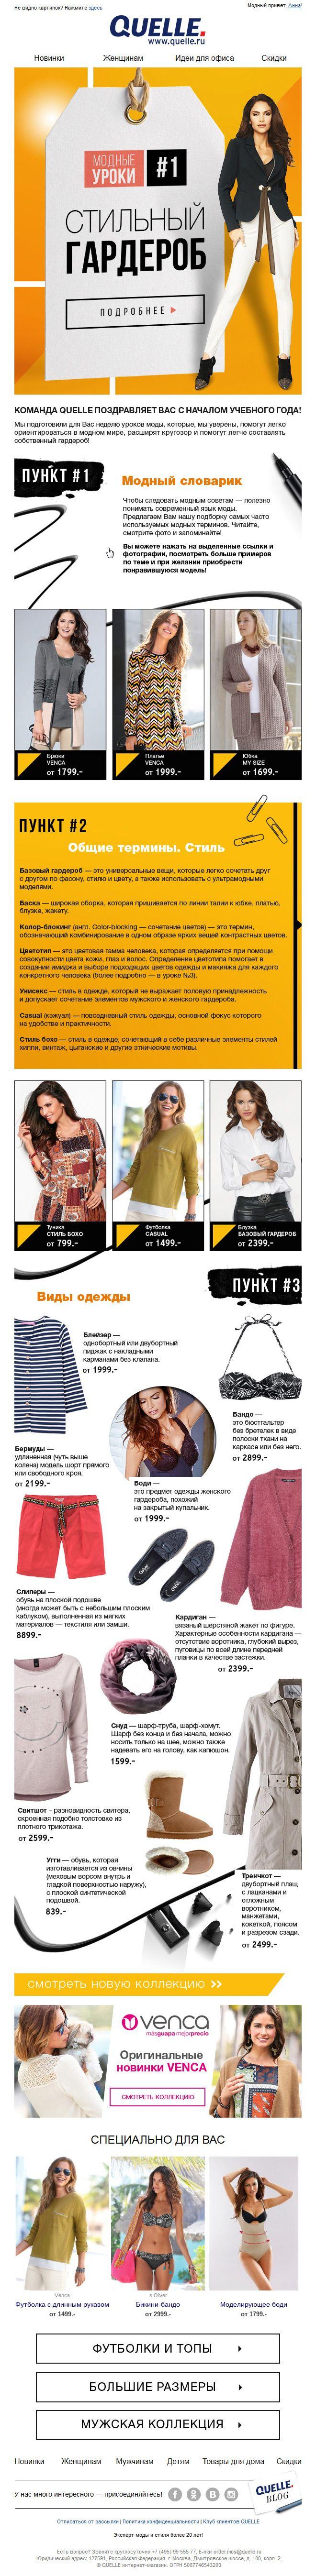 мода, уроки моды, стиль, гардероб